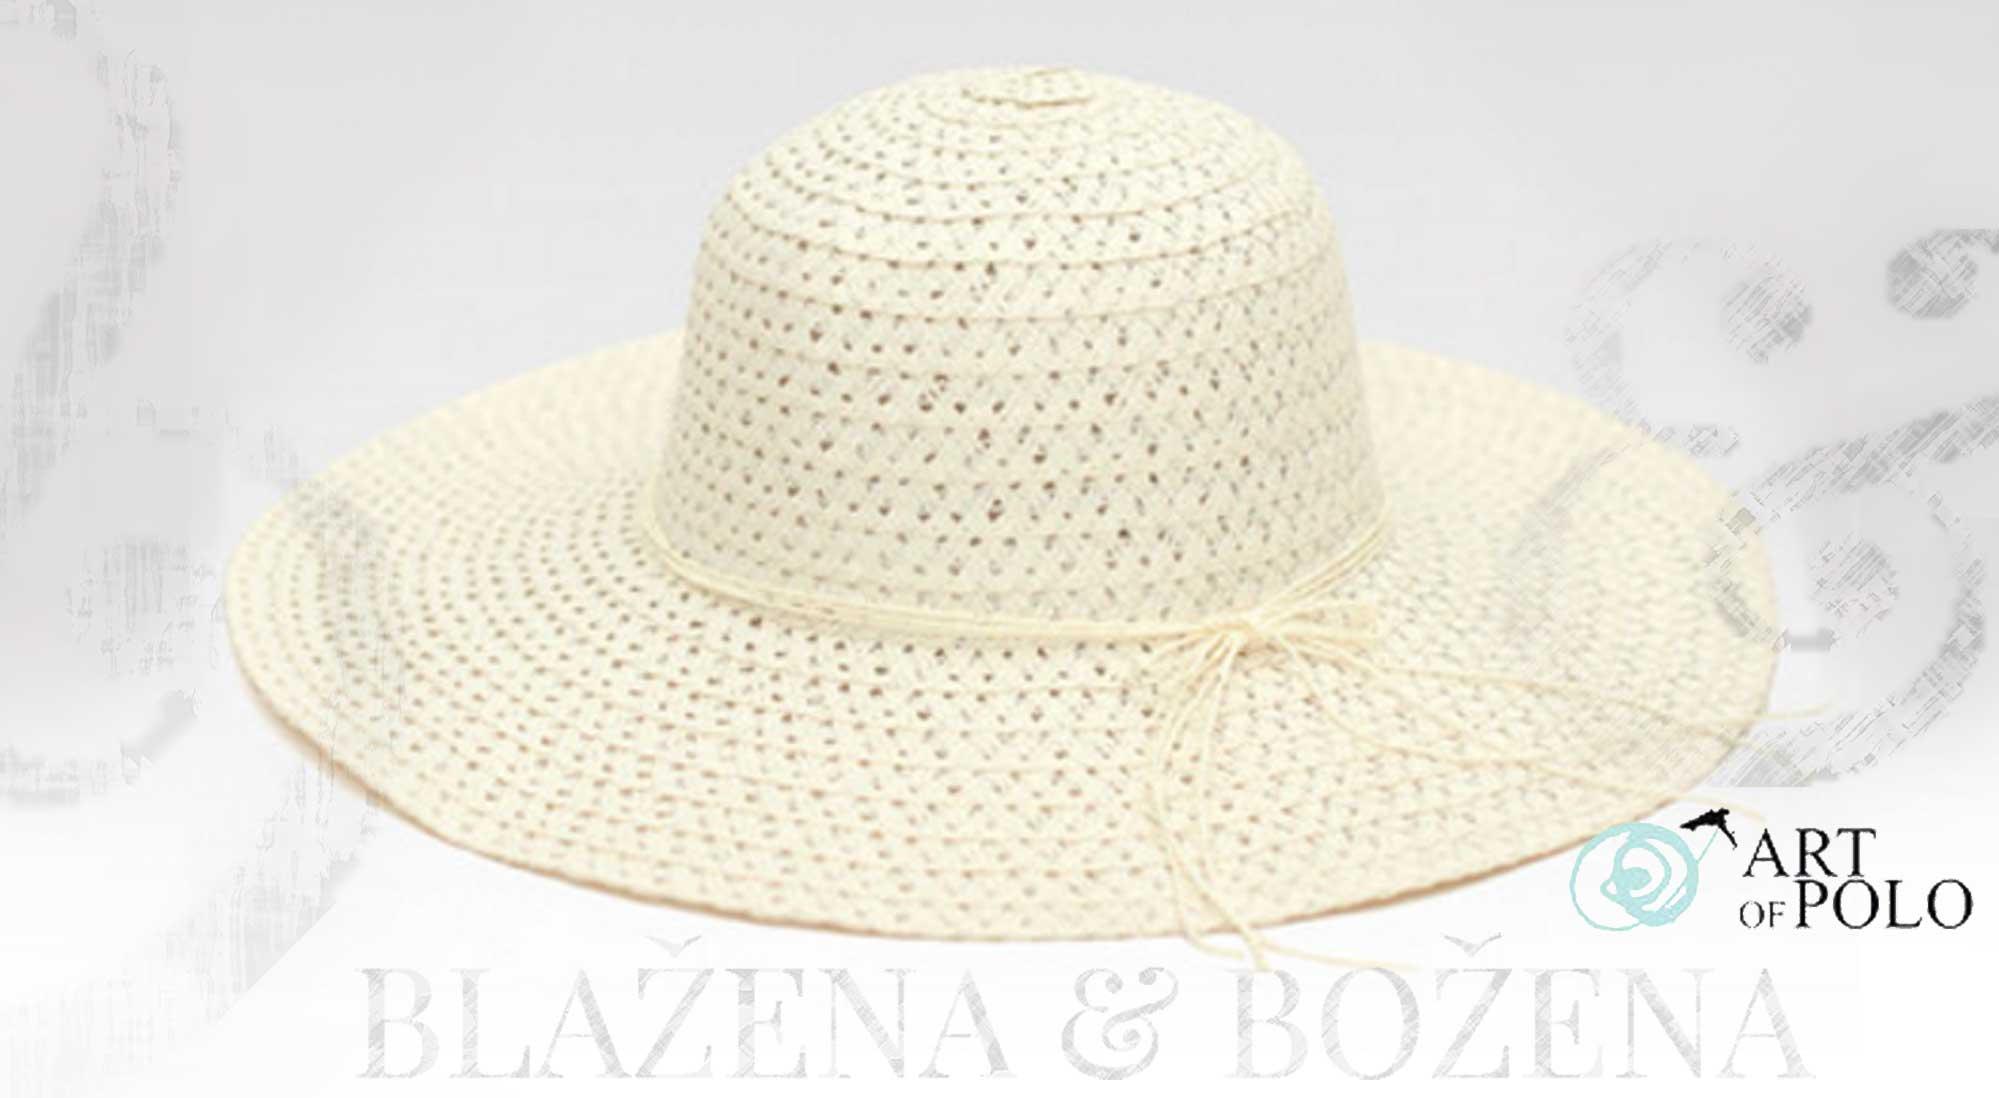 Blažena Božena. královny klobouků. Dámský klobouk Almeria a5fcc9b642